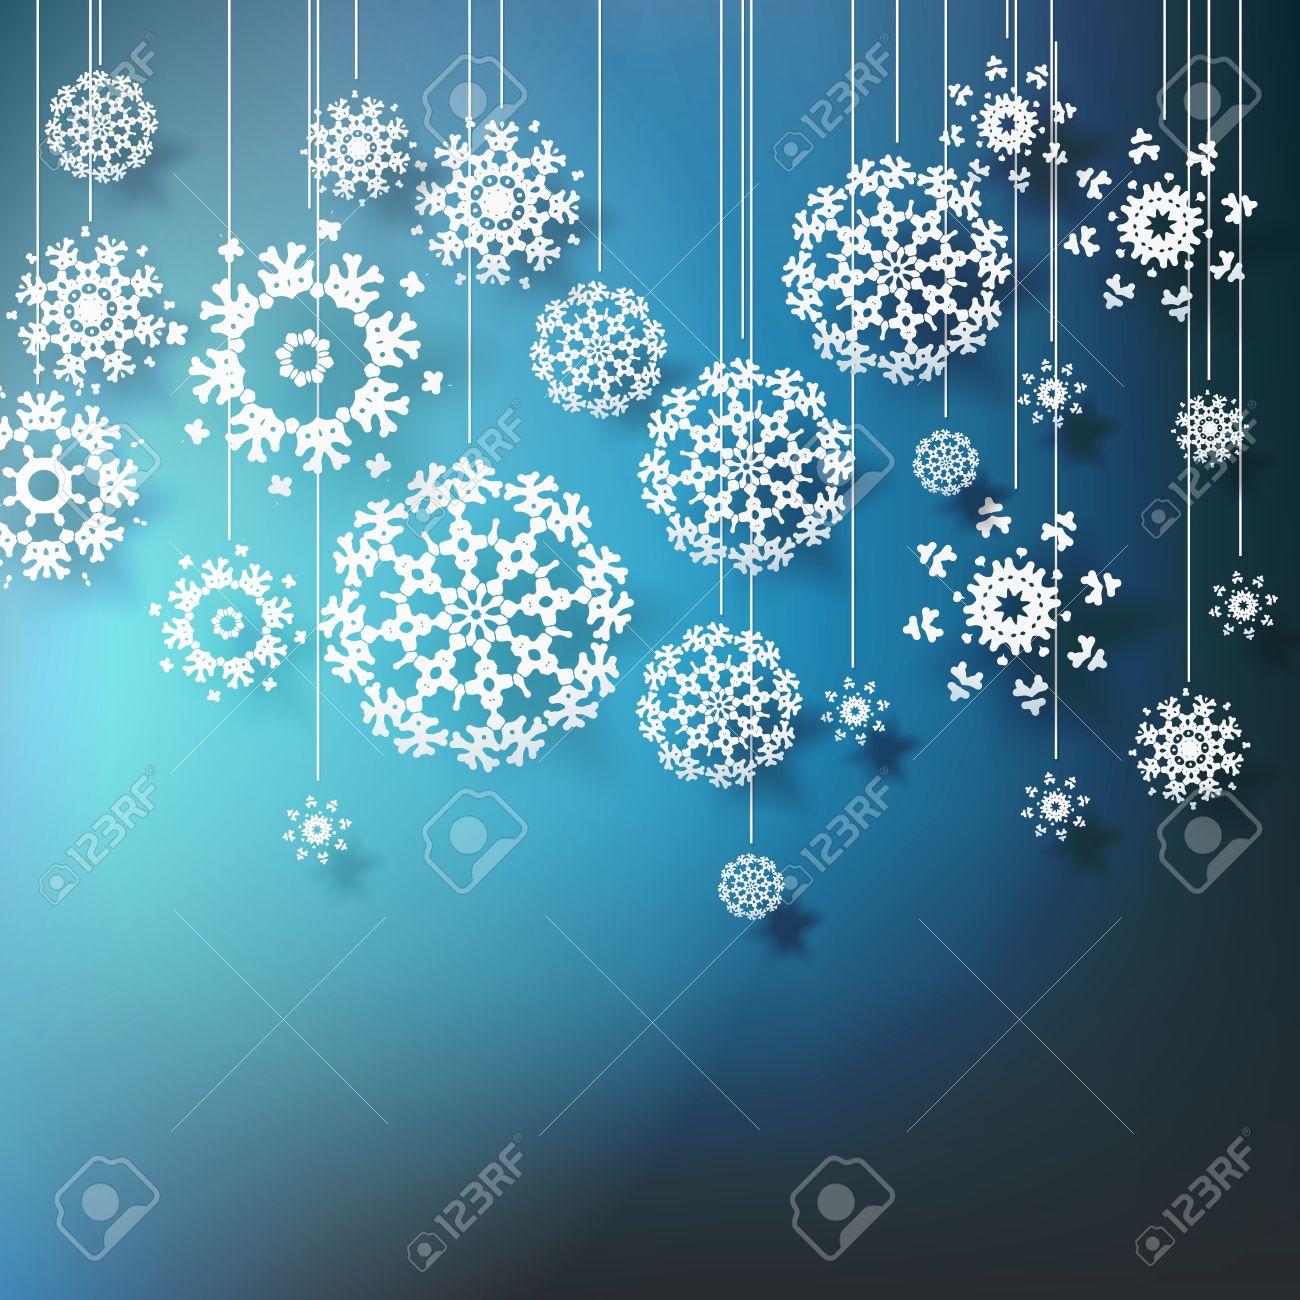 Fiocchi Di Neve Alta Definizione Su Sfondo Blu Clipart Royalty.